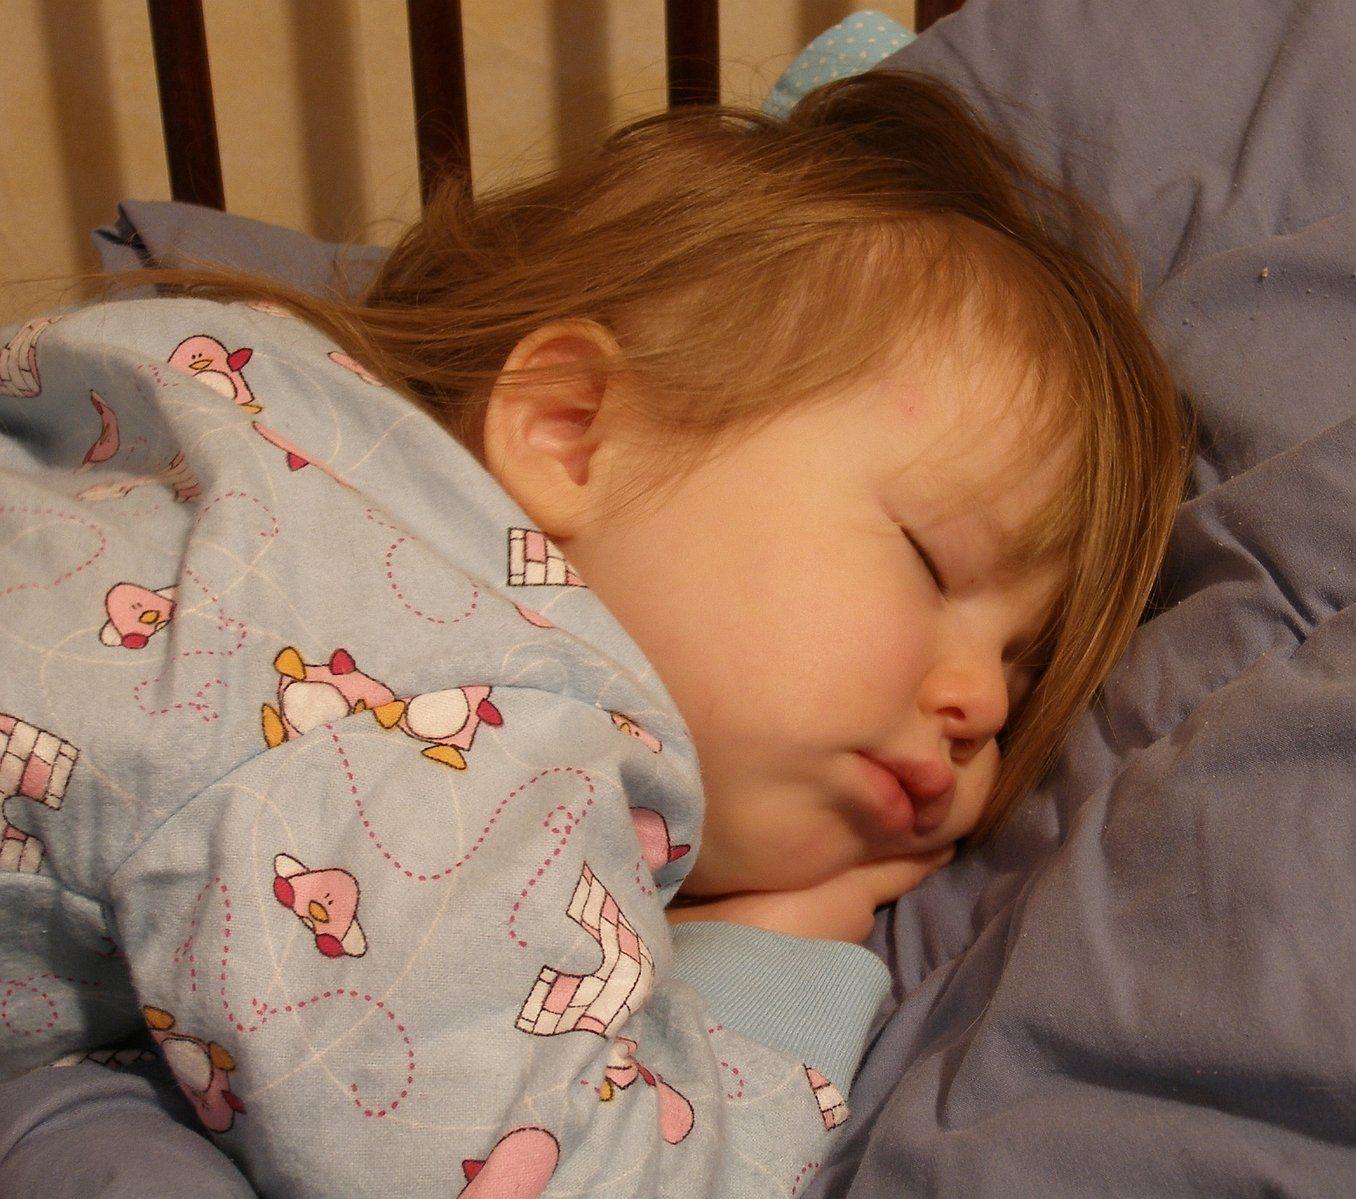 Kamu Tidur Memeluk Guling? Ini 5 Manfaatnya yang Bisa Kamu Dapatkan